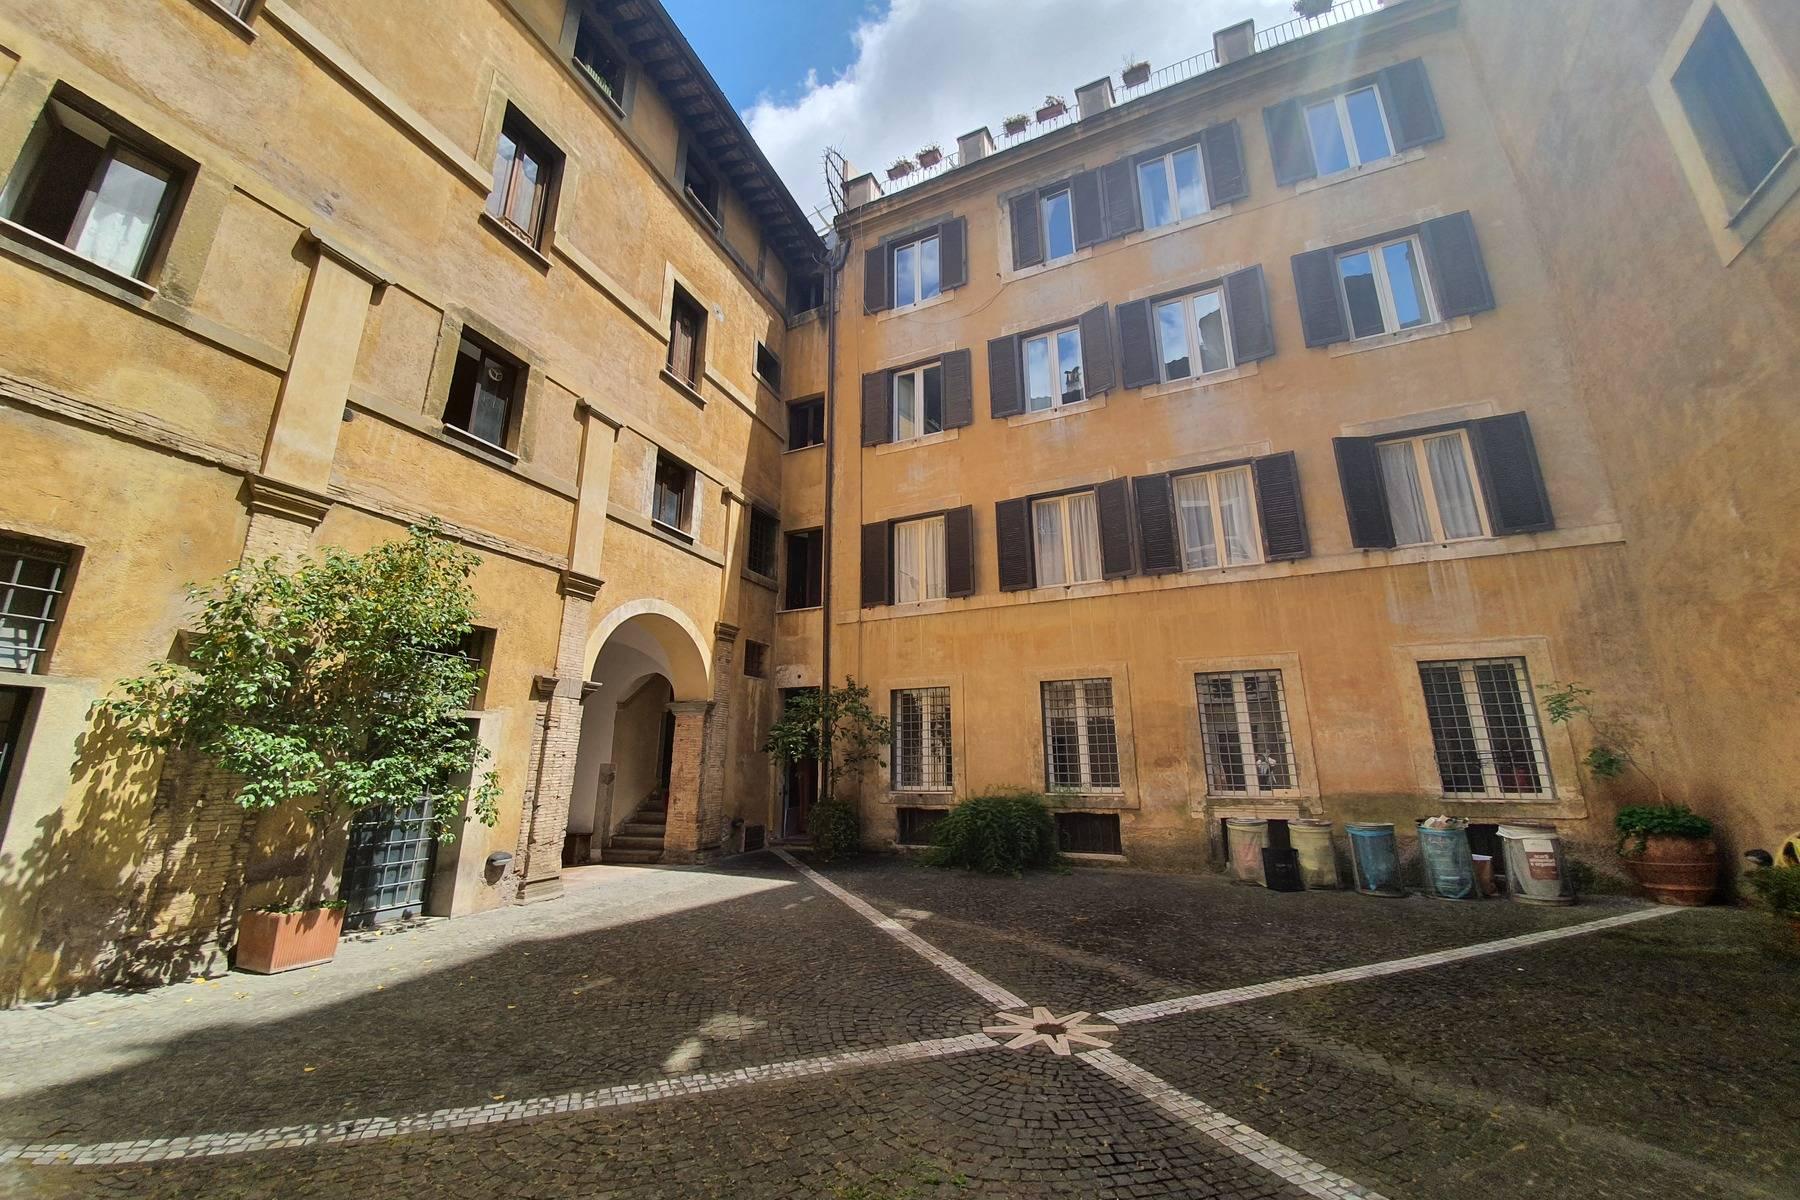 Negozio-locale in Affitto a Roma: 2 locali, 50 mq - Foto 12